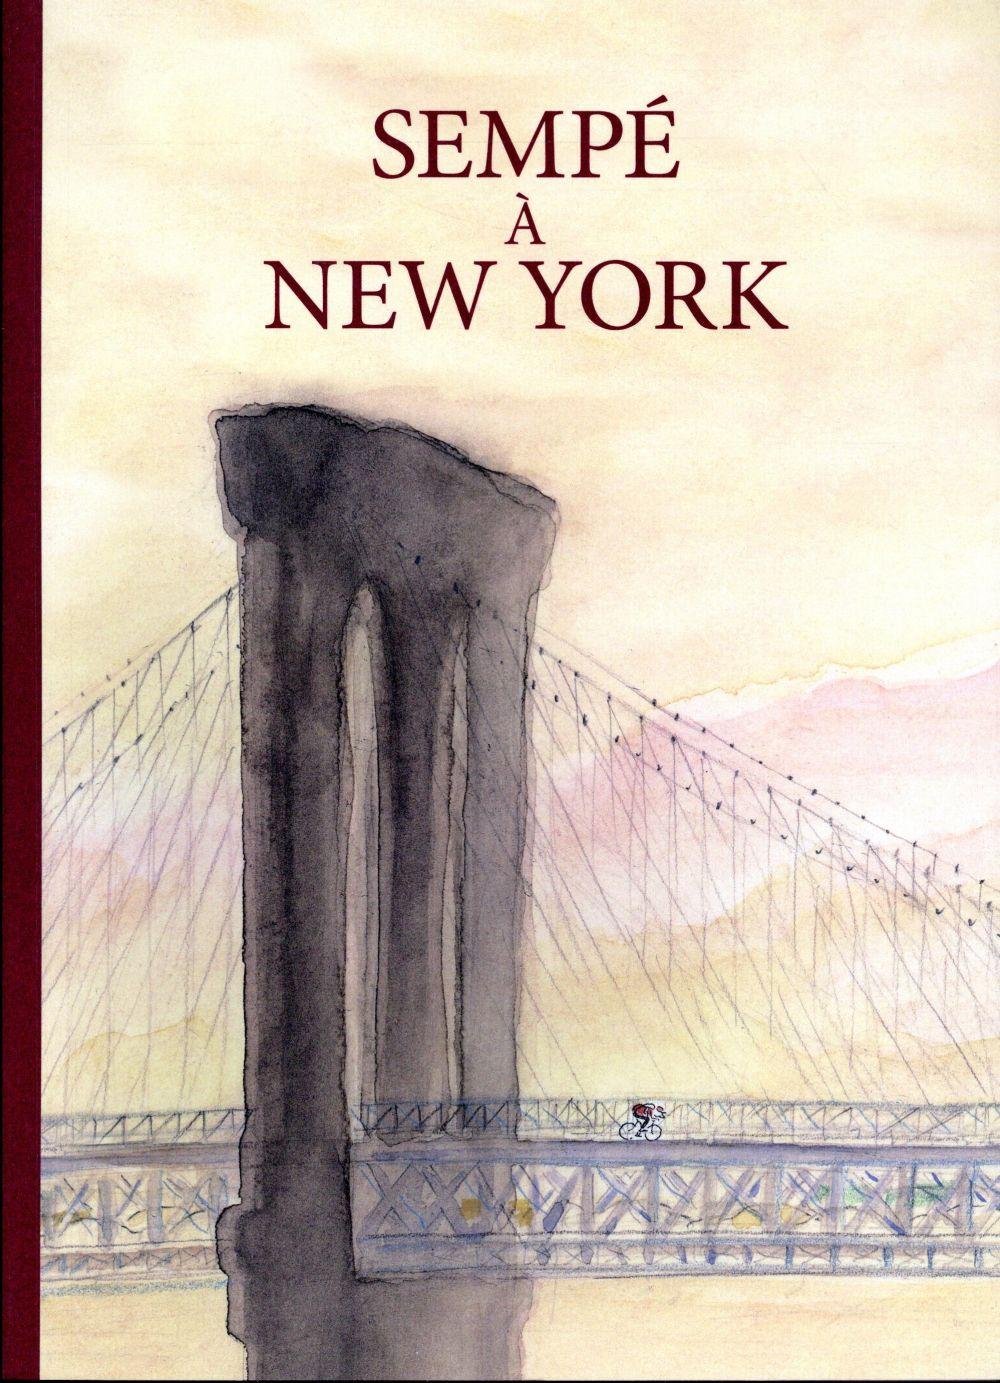 SEMPE A NEW YORK